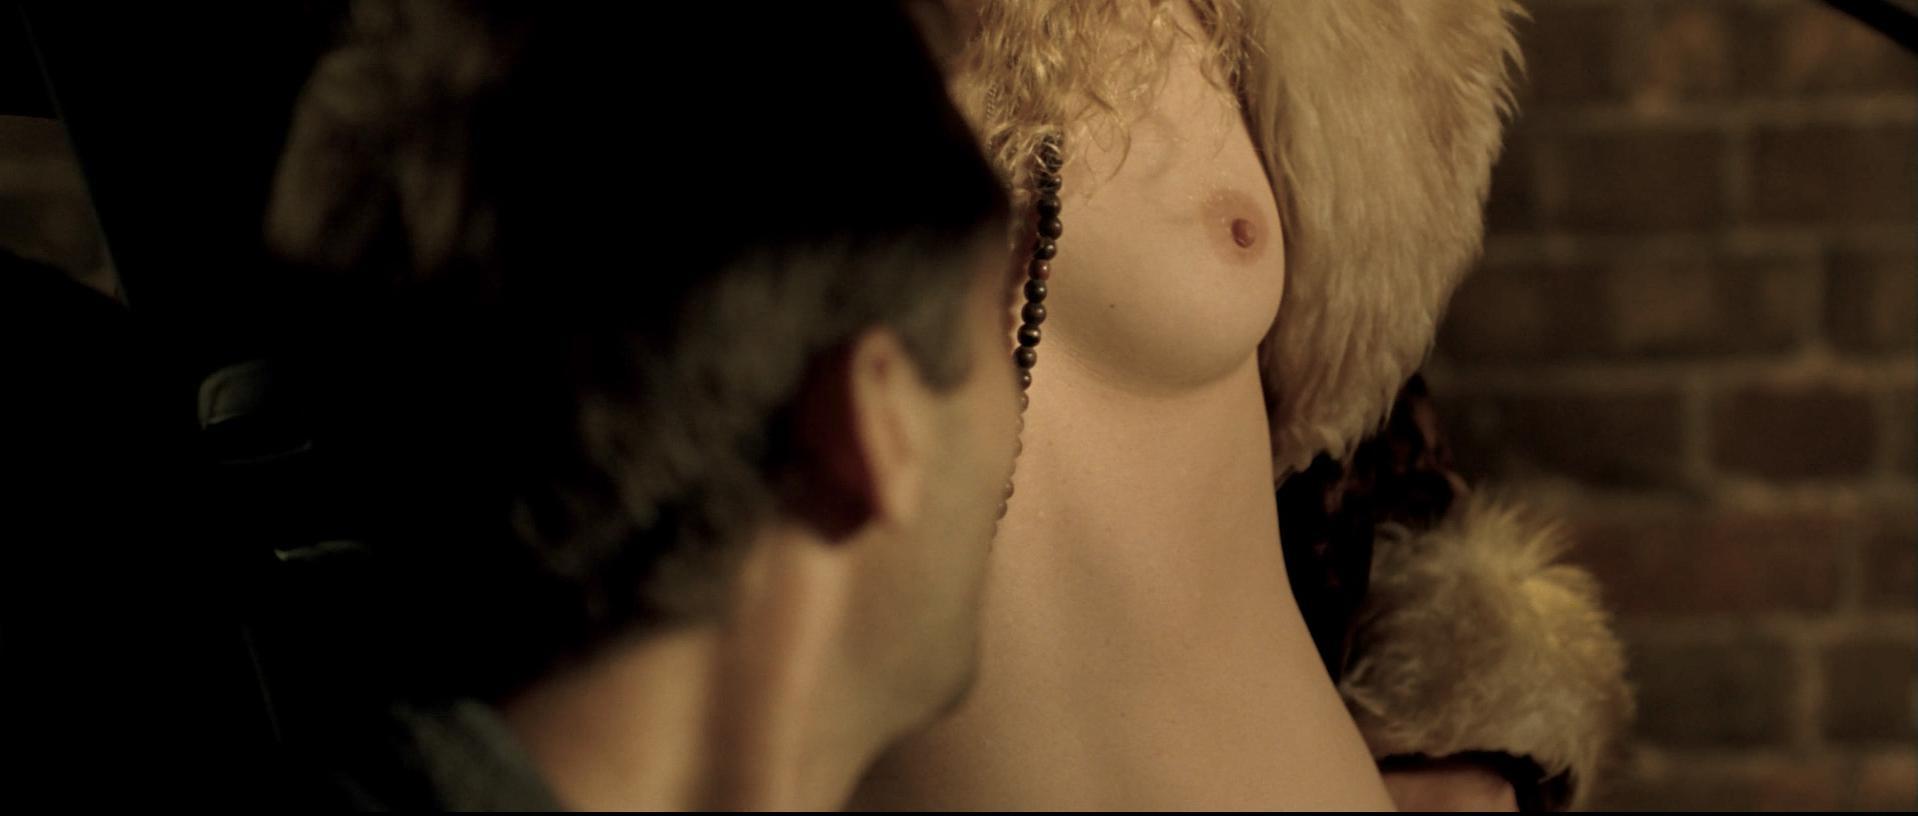 Juliette Binoche nude, Vera Farmiga nude, Robin Wright sexy - Breaking and Entering (2006)